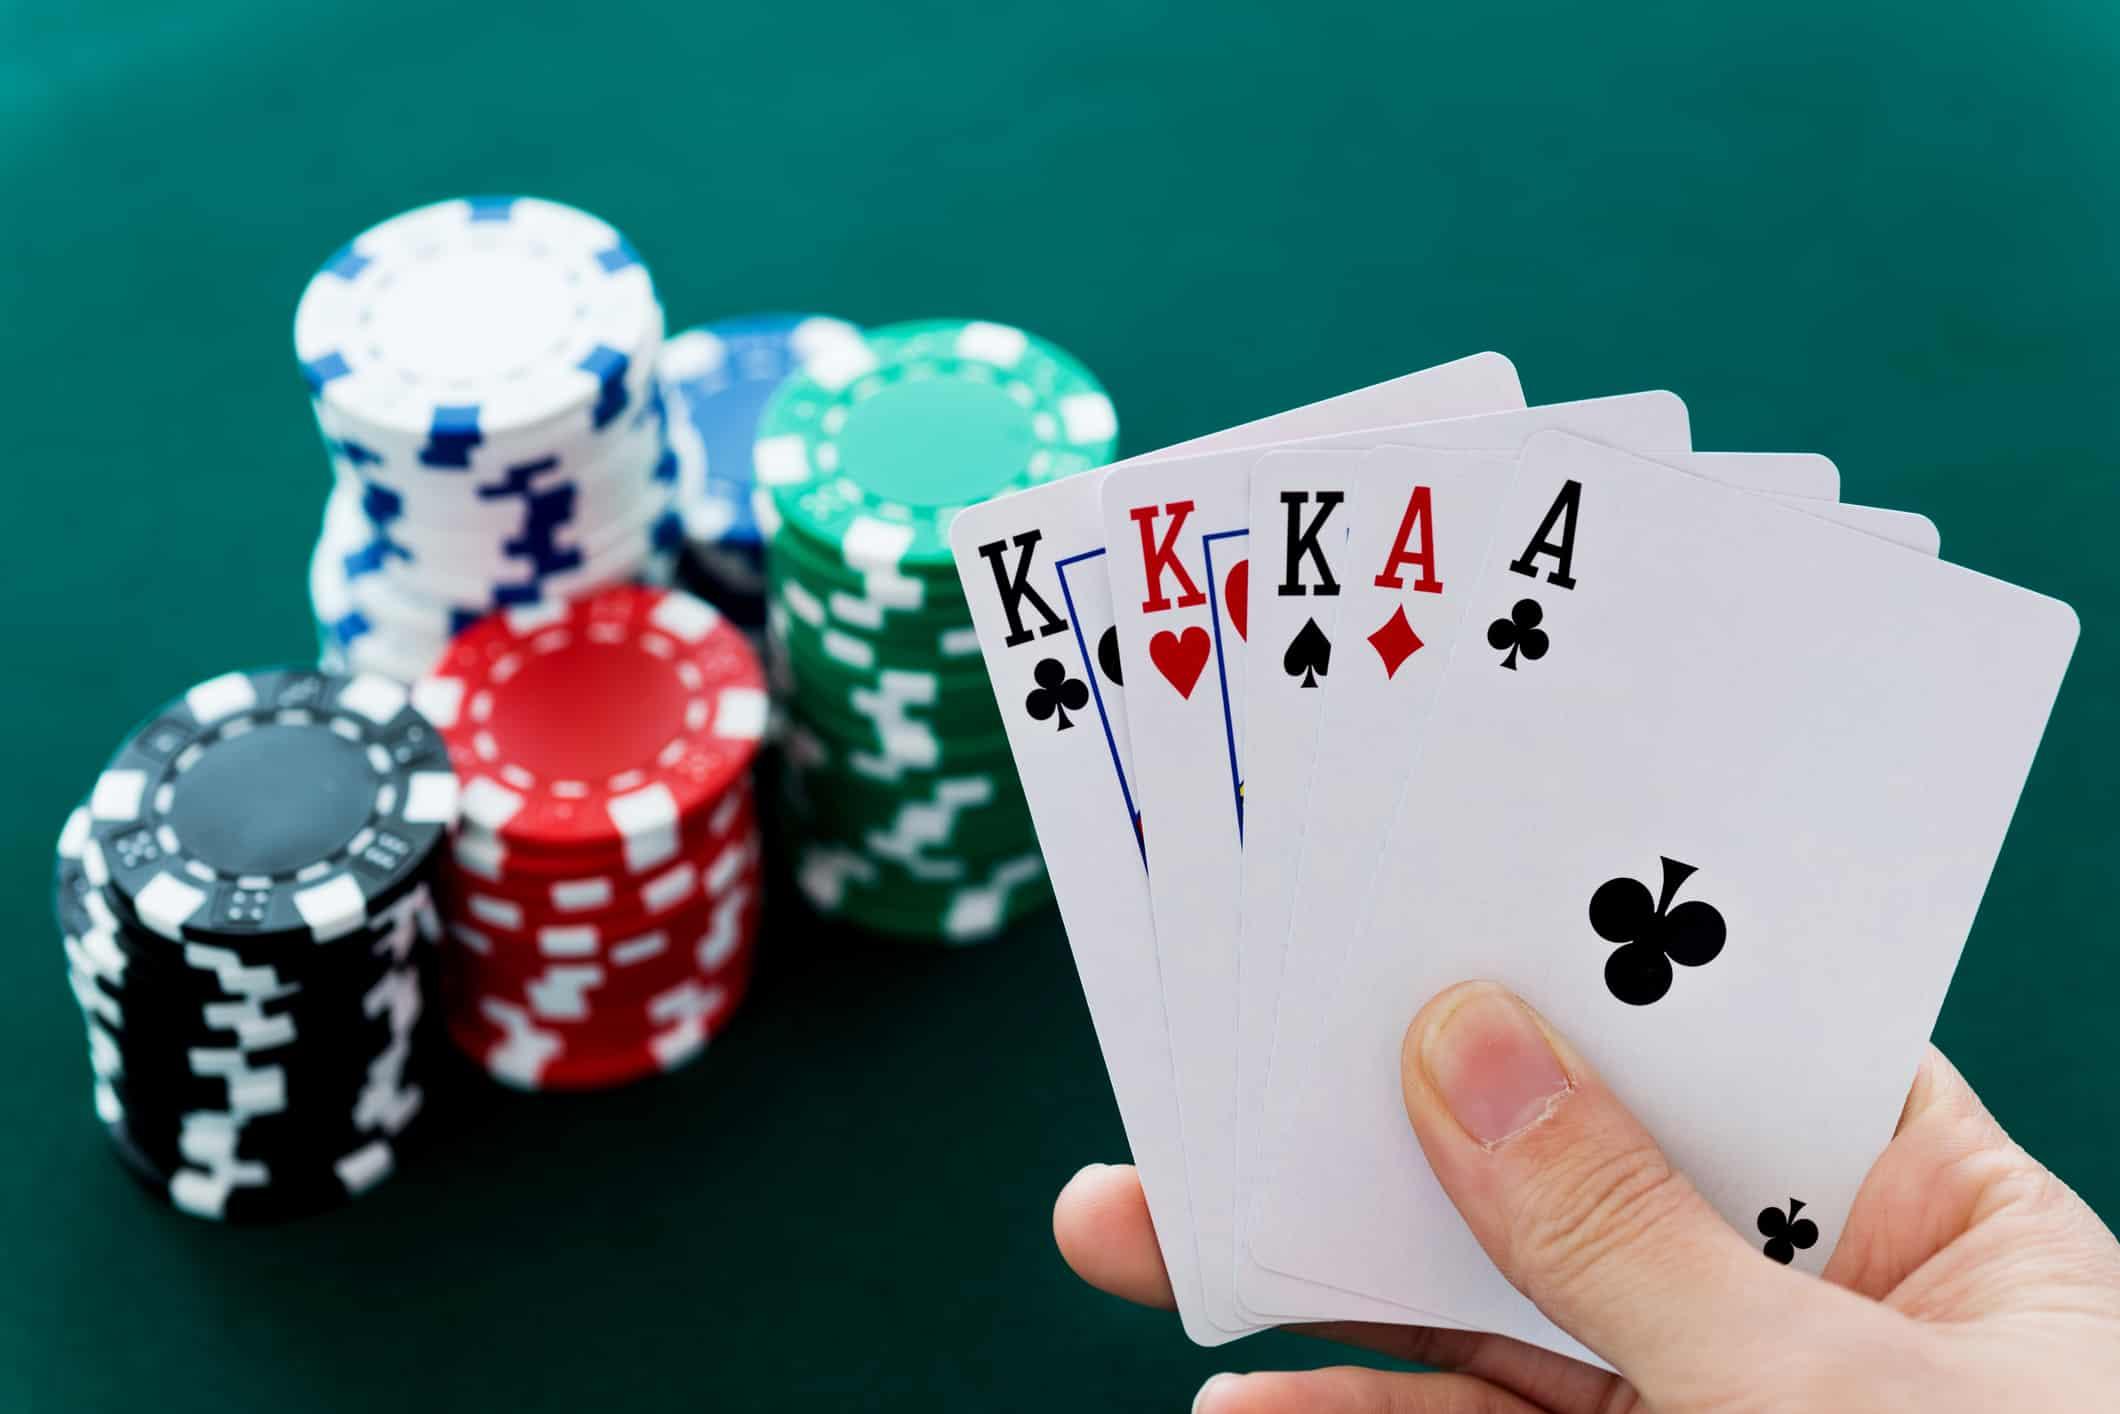 Poker và những sai lầm người chơi cần tránh để không bị mất tiền